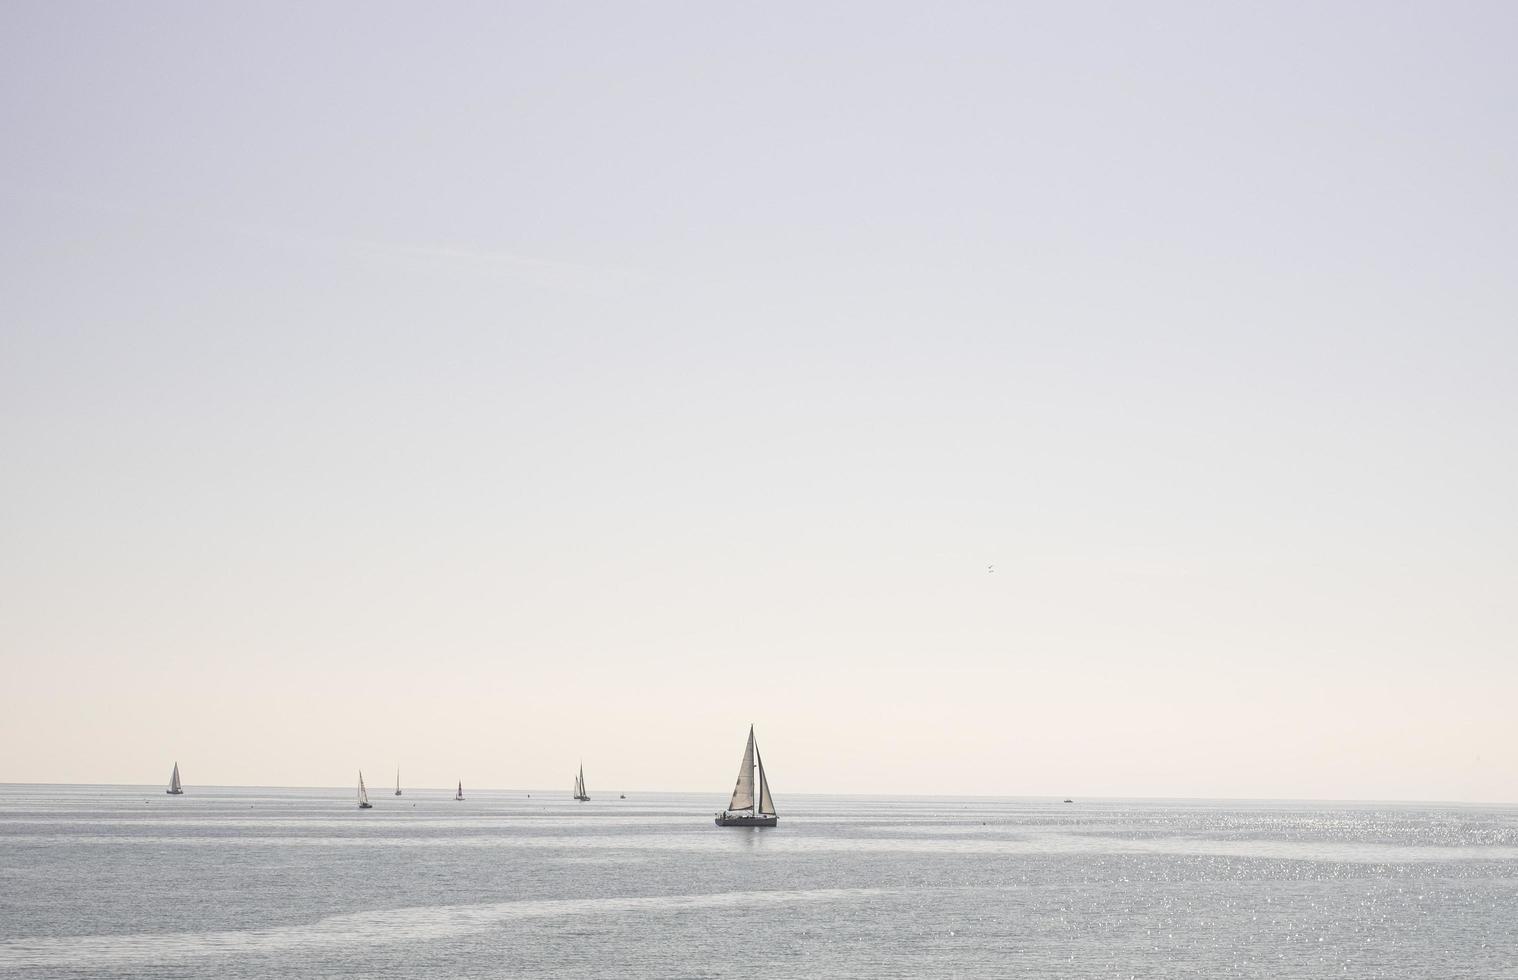 segelbåt seglar i havet på en klar dag foto